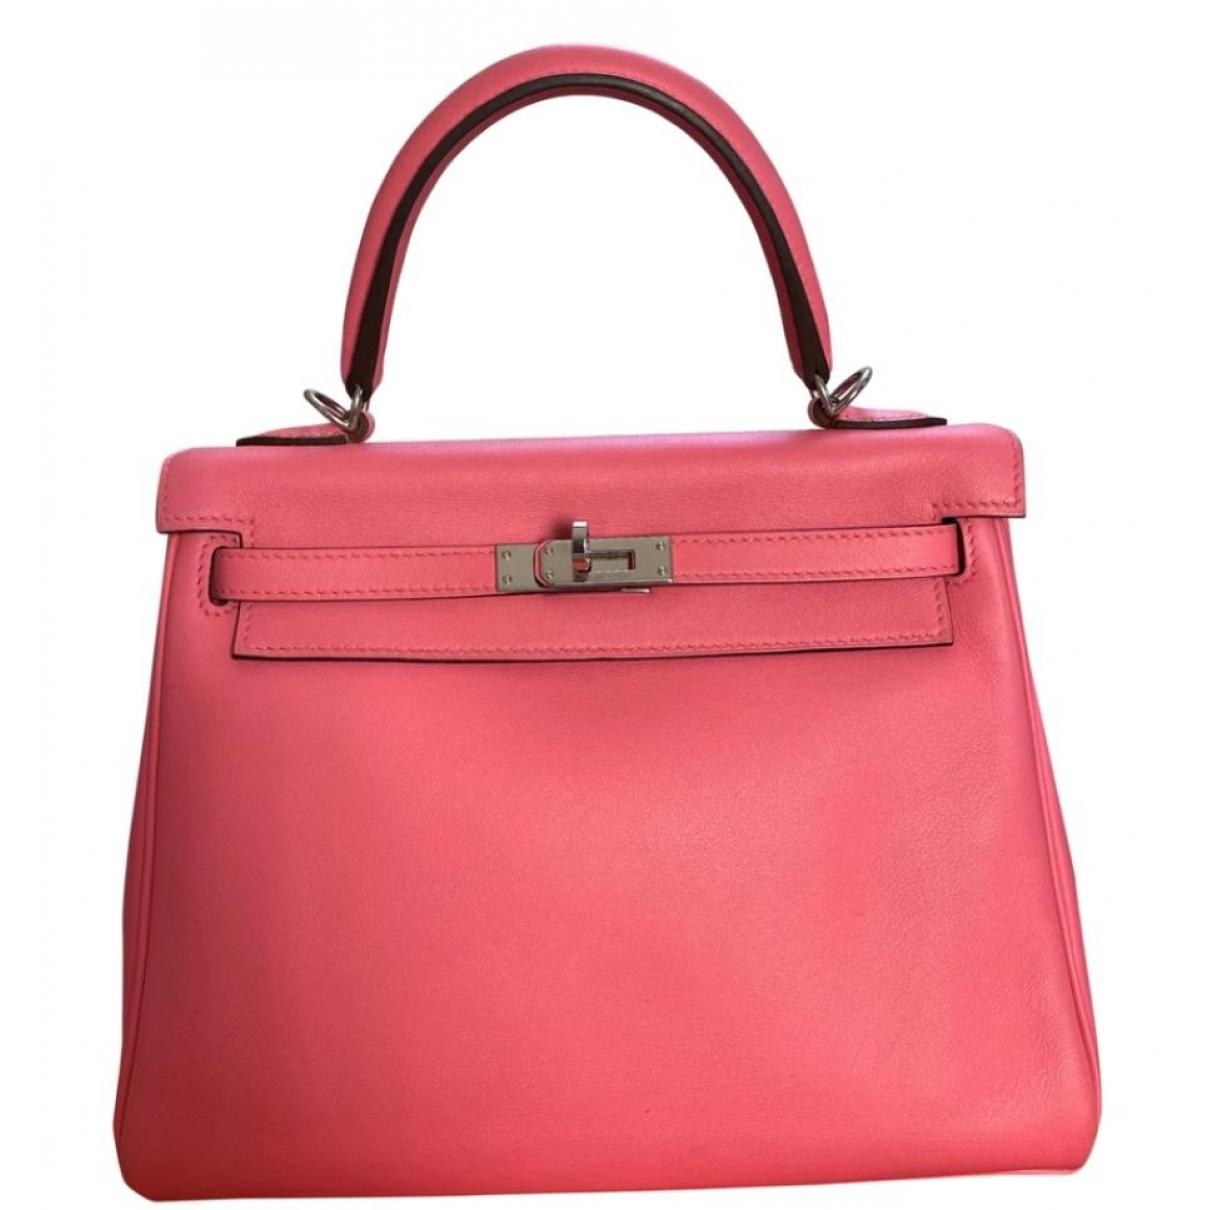 Hermes Kelly 25 Handtasche in  Rosa Leder